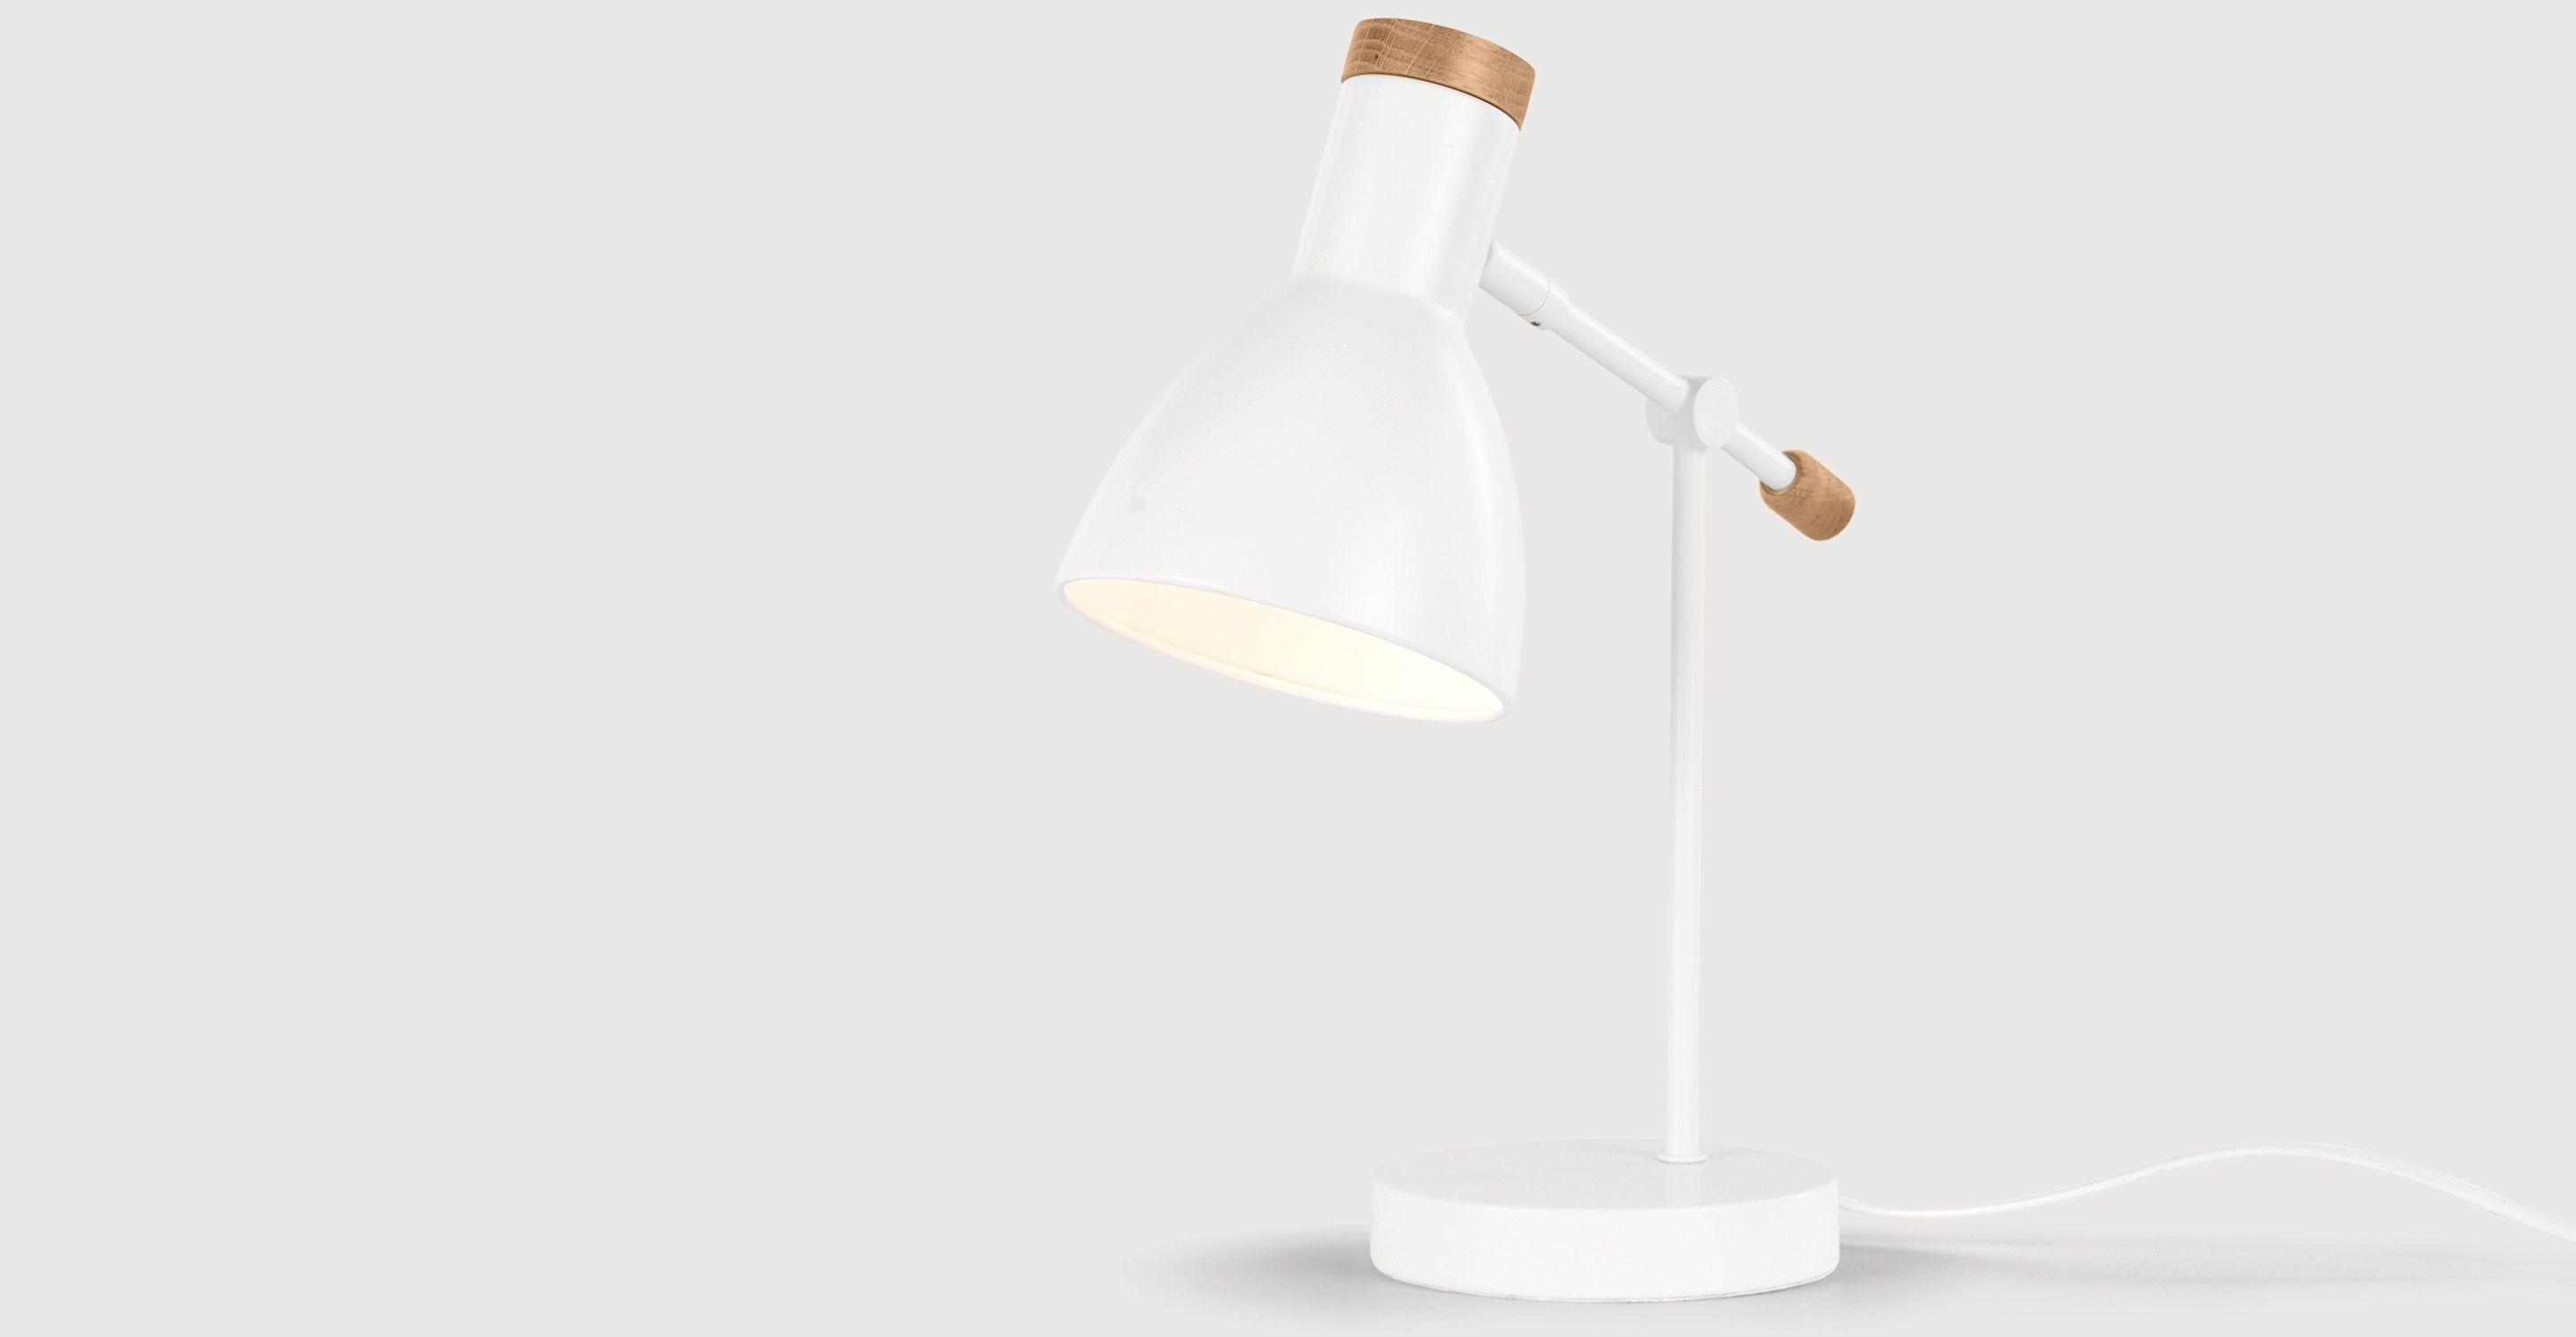 cohen nachttischlampe wei und eiche lampen. Black Bedroom Furniture Sets. Home Design Ideas